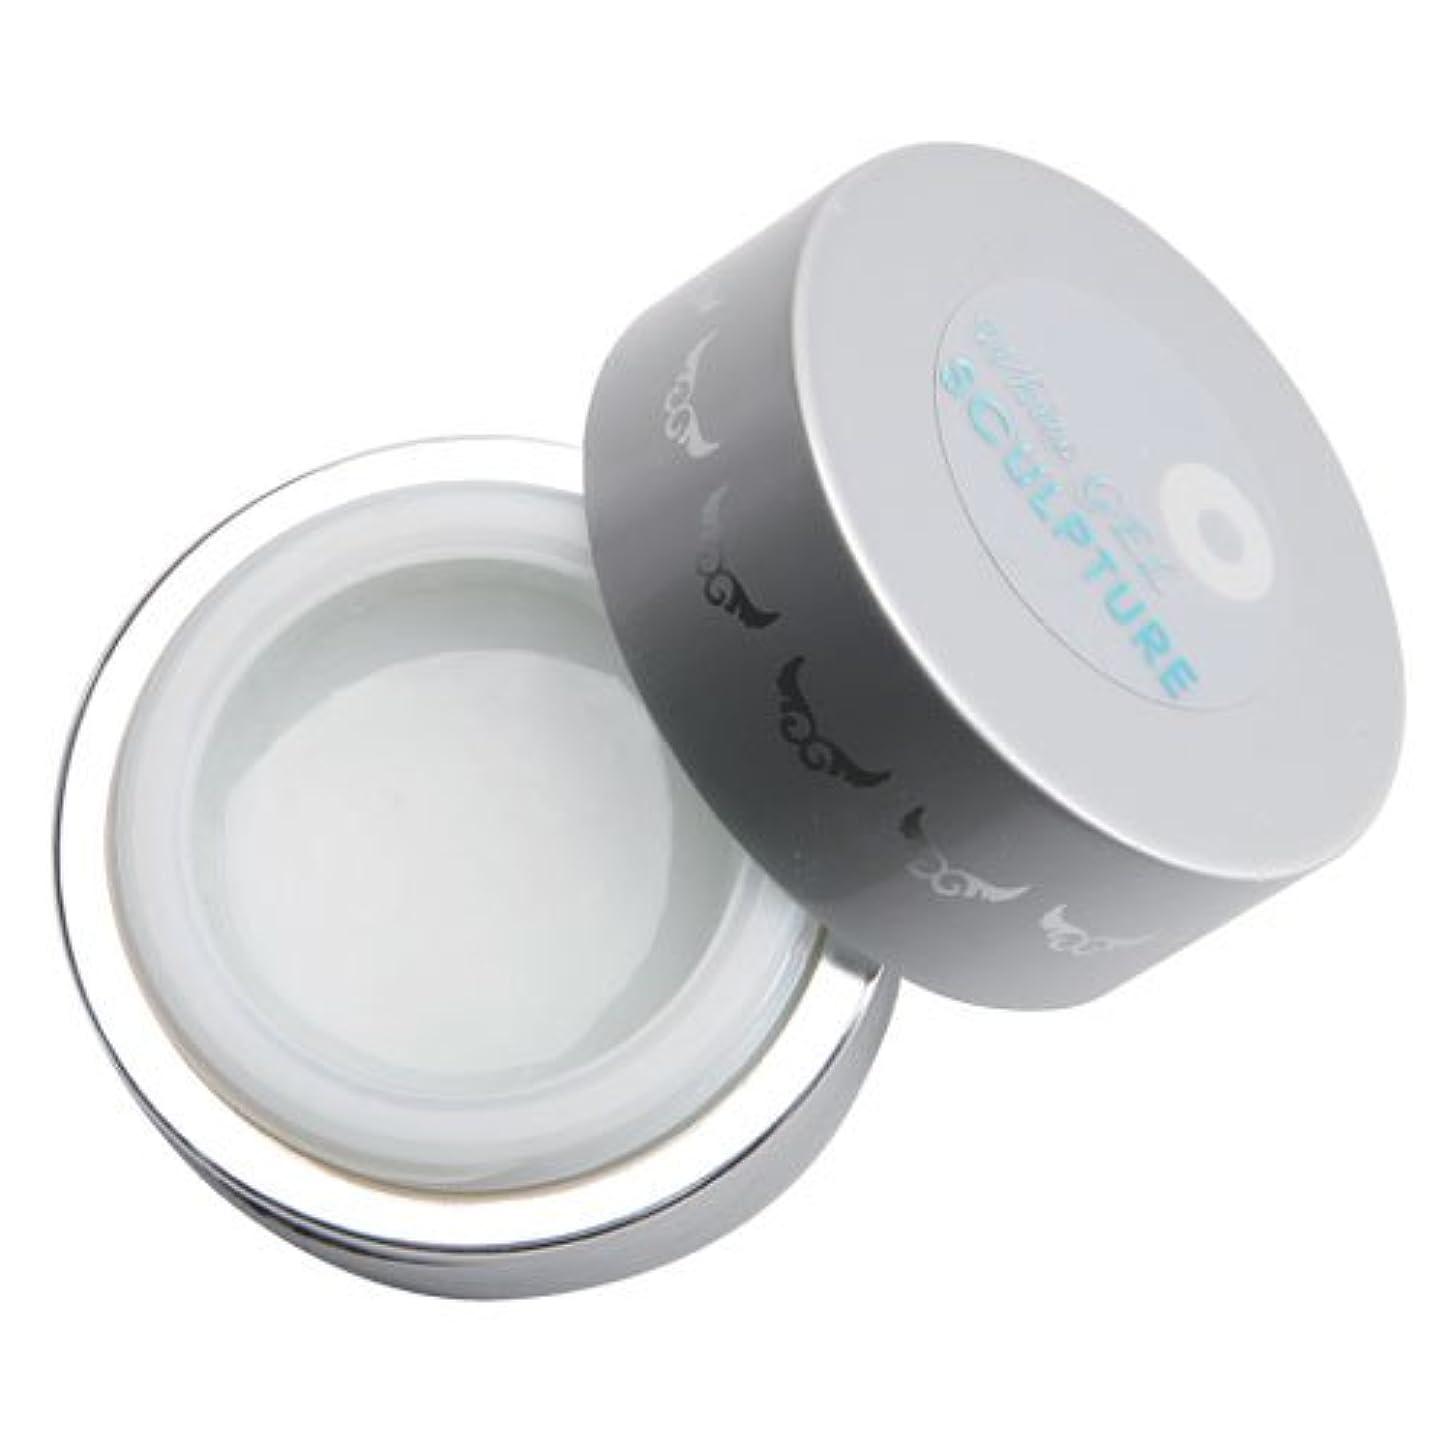 振り子テキスト獲物グラシア ジェルネイル ホワイトスカルプチュアクリアジェル GSW-A01 7g   UV対応  ソークオフ不可